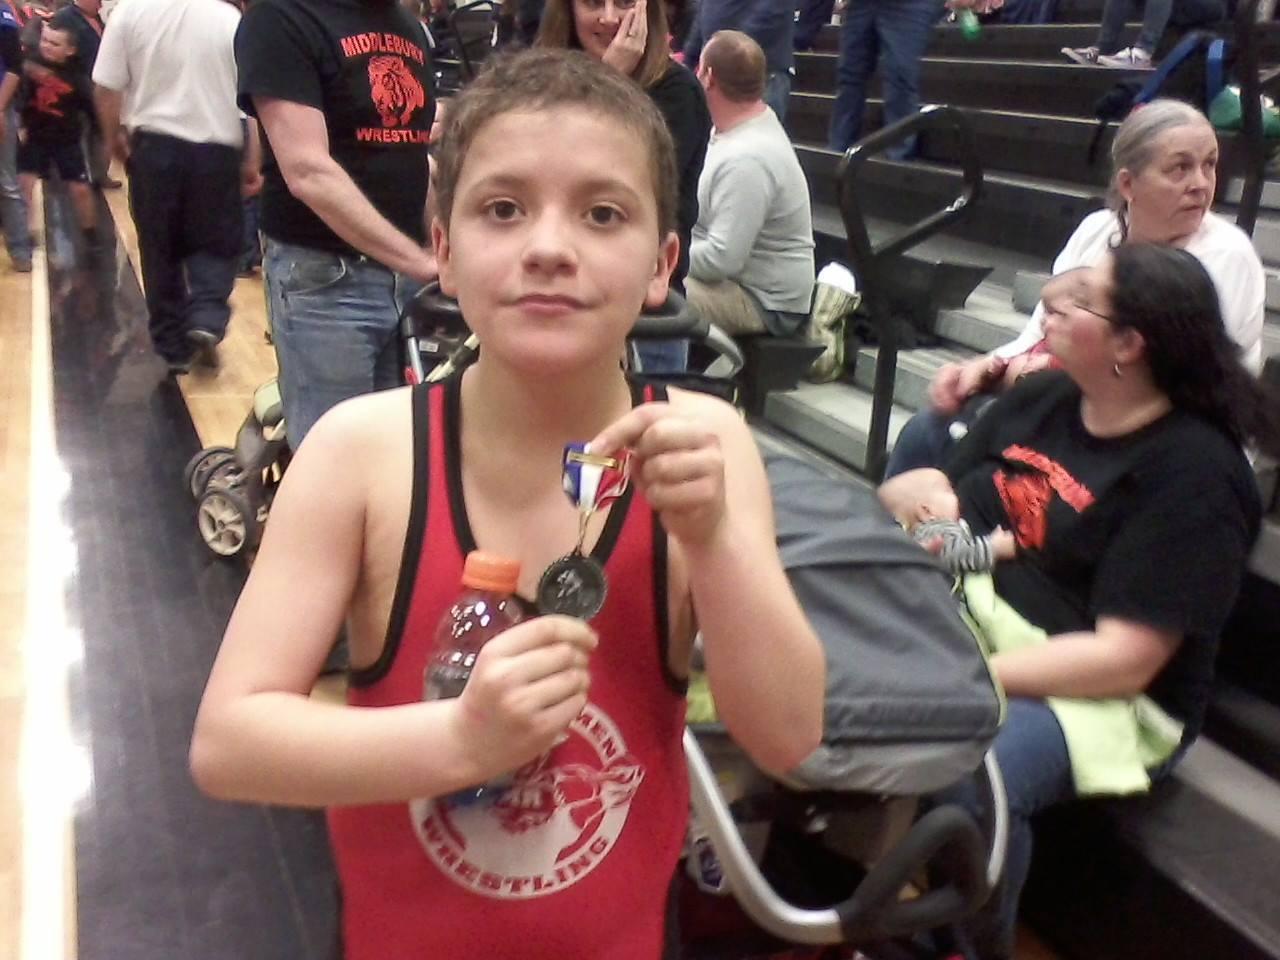 Meet Chris – Loves Wrestling